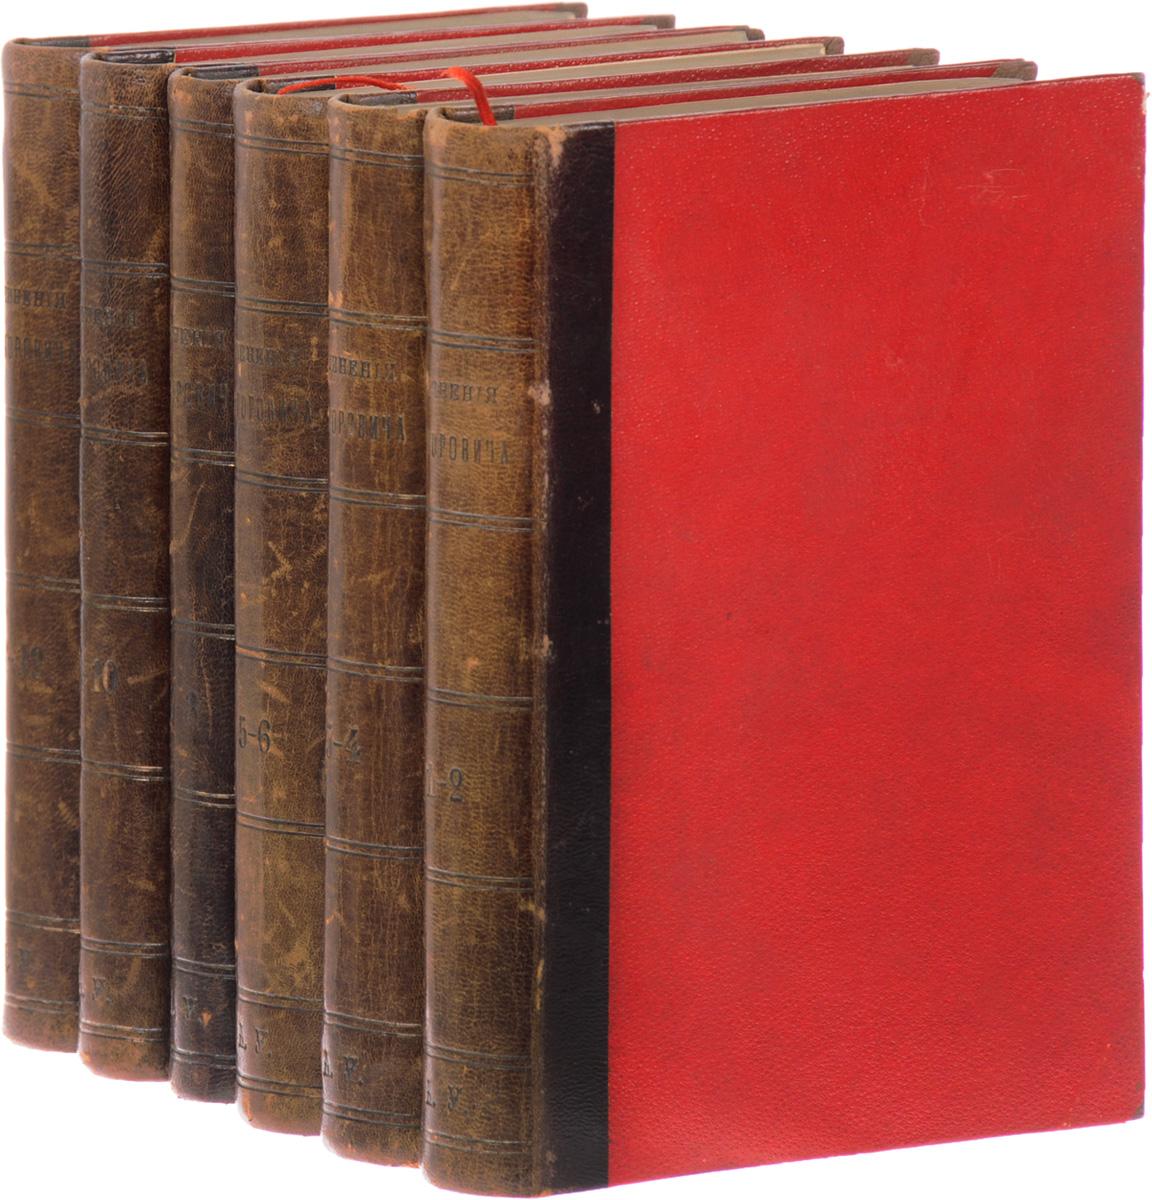 Полное собрание сочинений Д. В. Григоровича в 12 томах (комплект из 6 книг) собрание сочинений в 6 томах